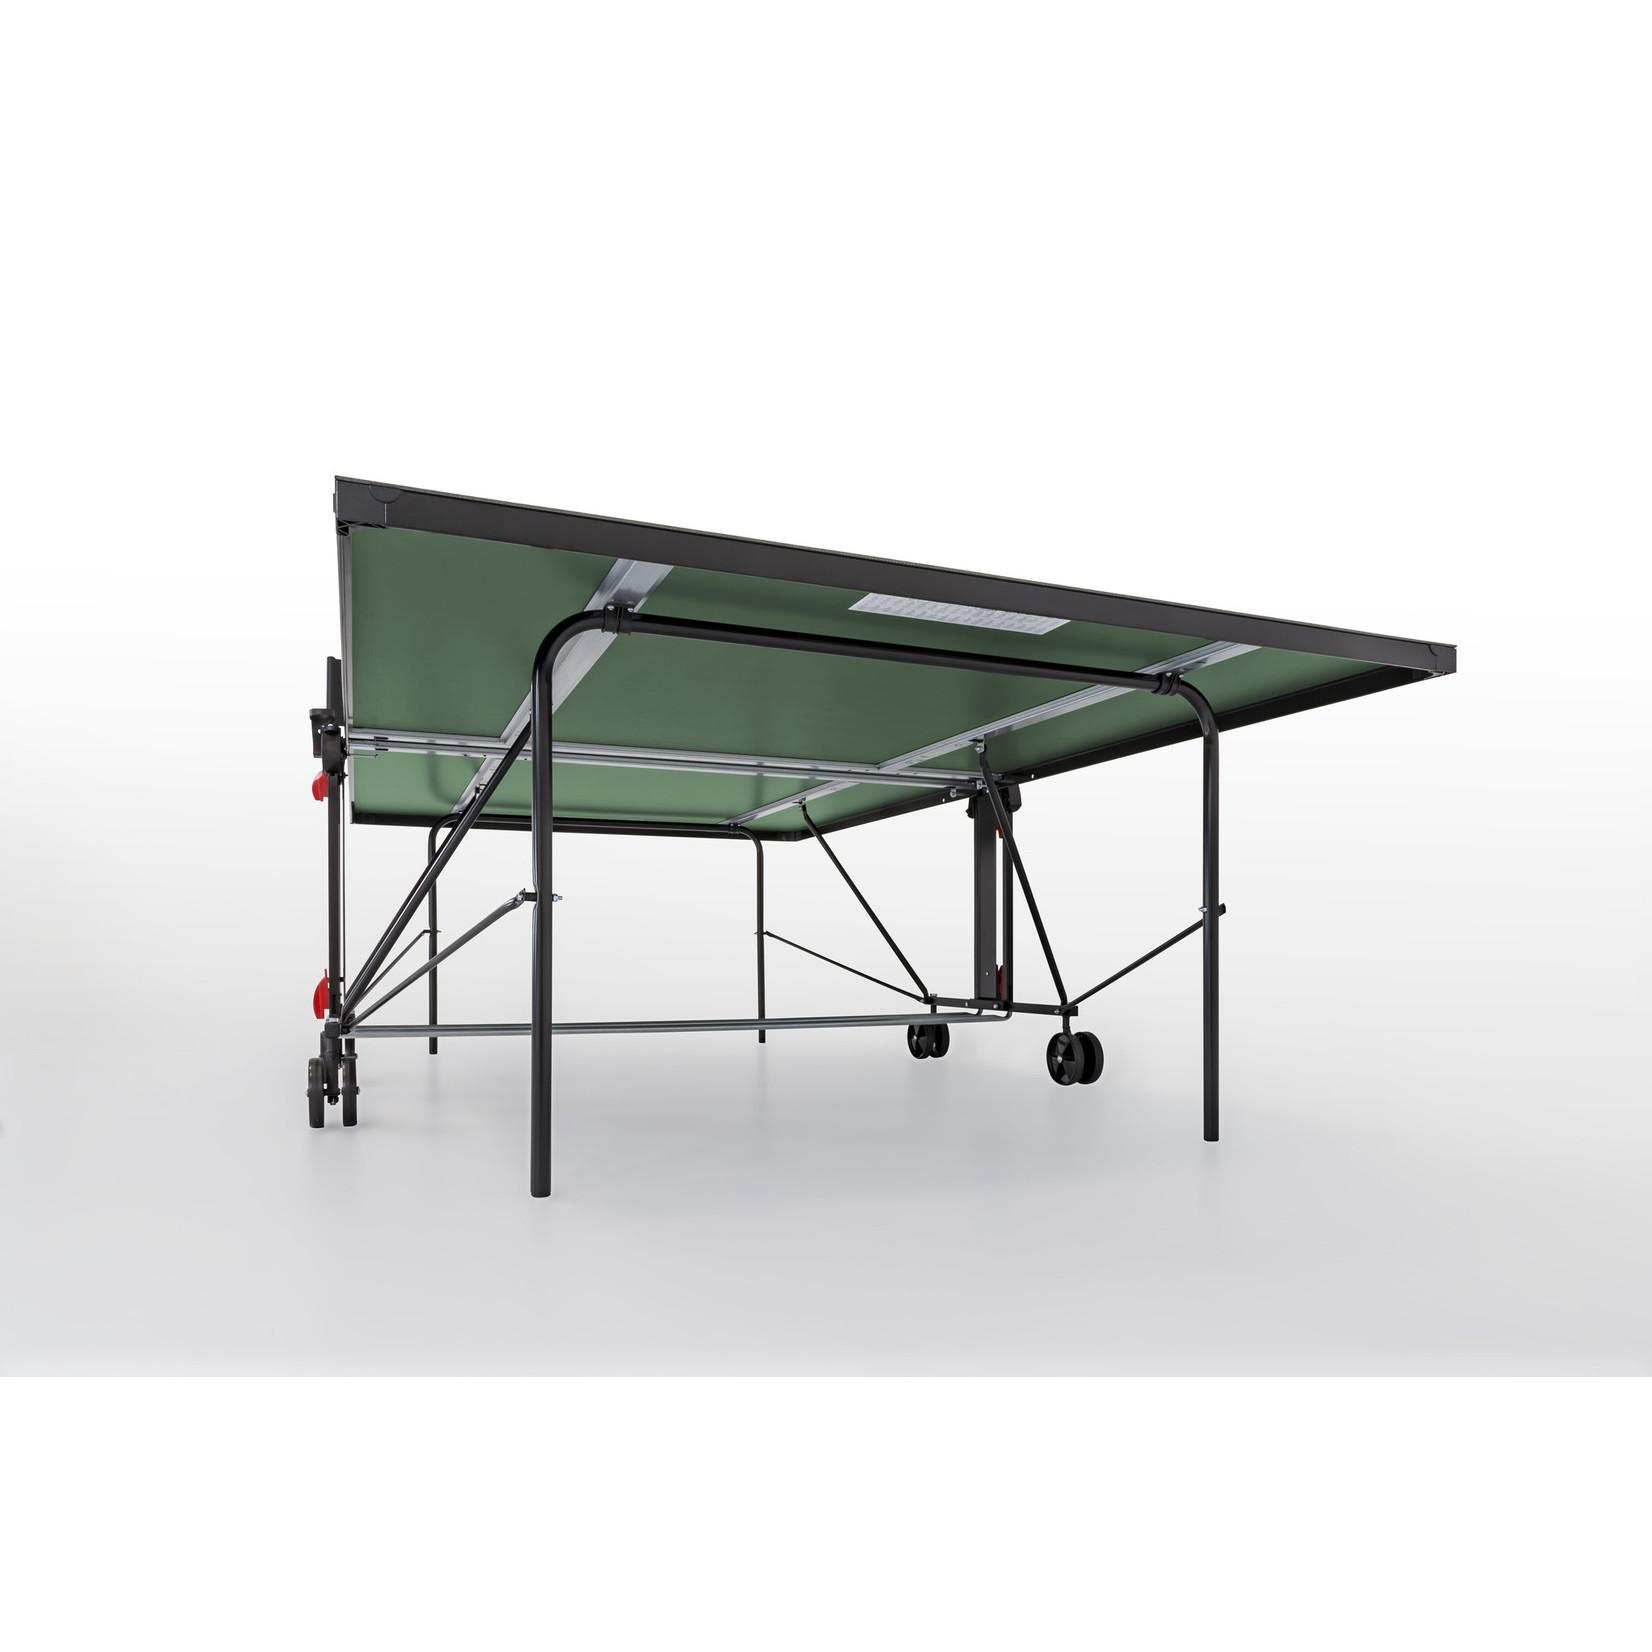 SPONETA Tafeltennistafel Outdoor S 1-42 e